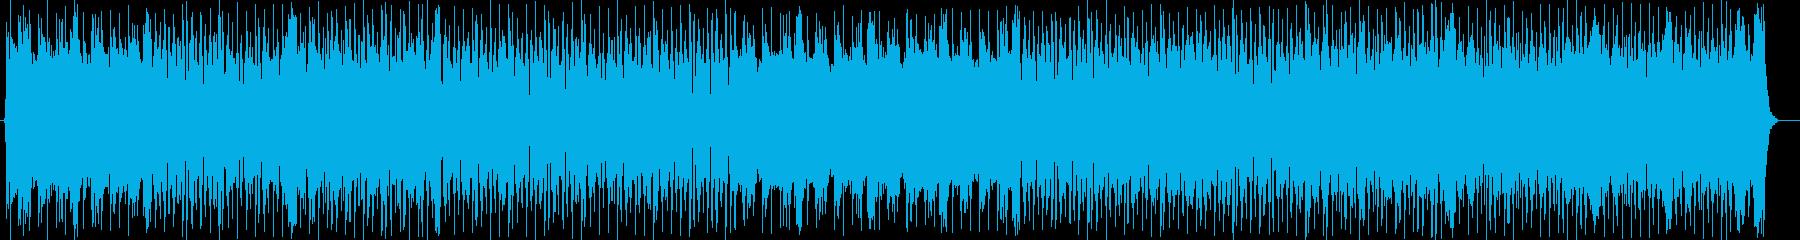 ワイルドでクールなエレキサウンドの再生済みの波形